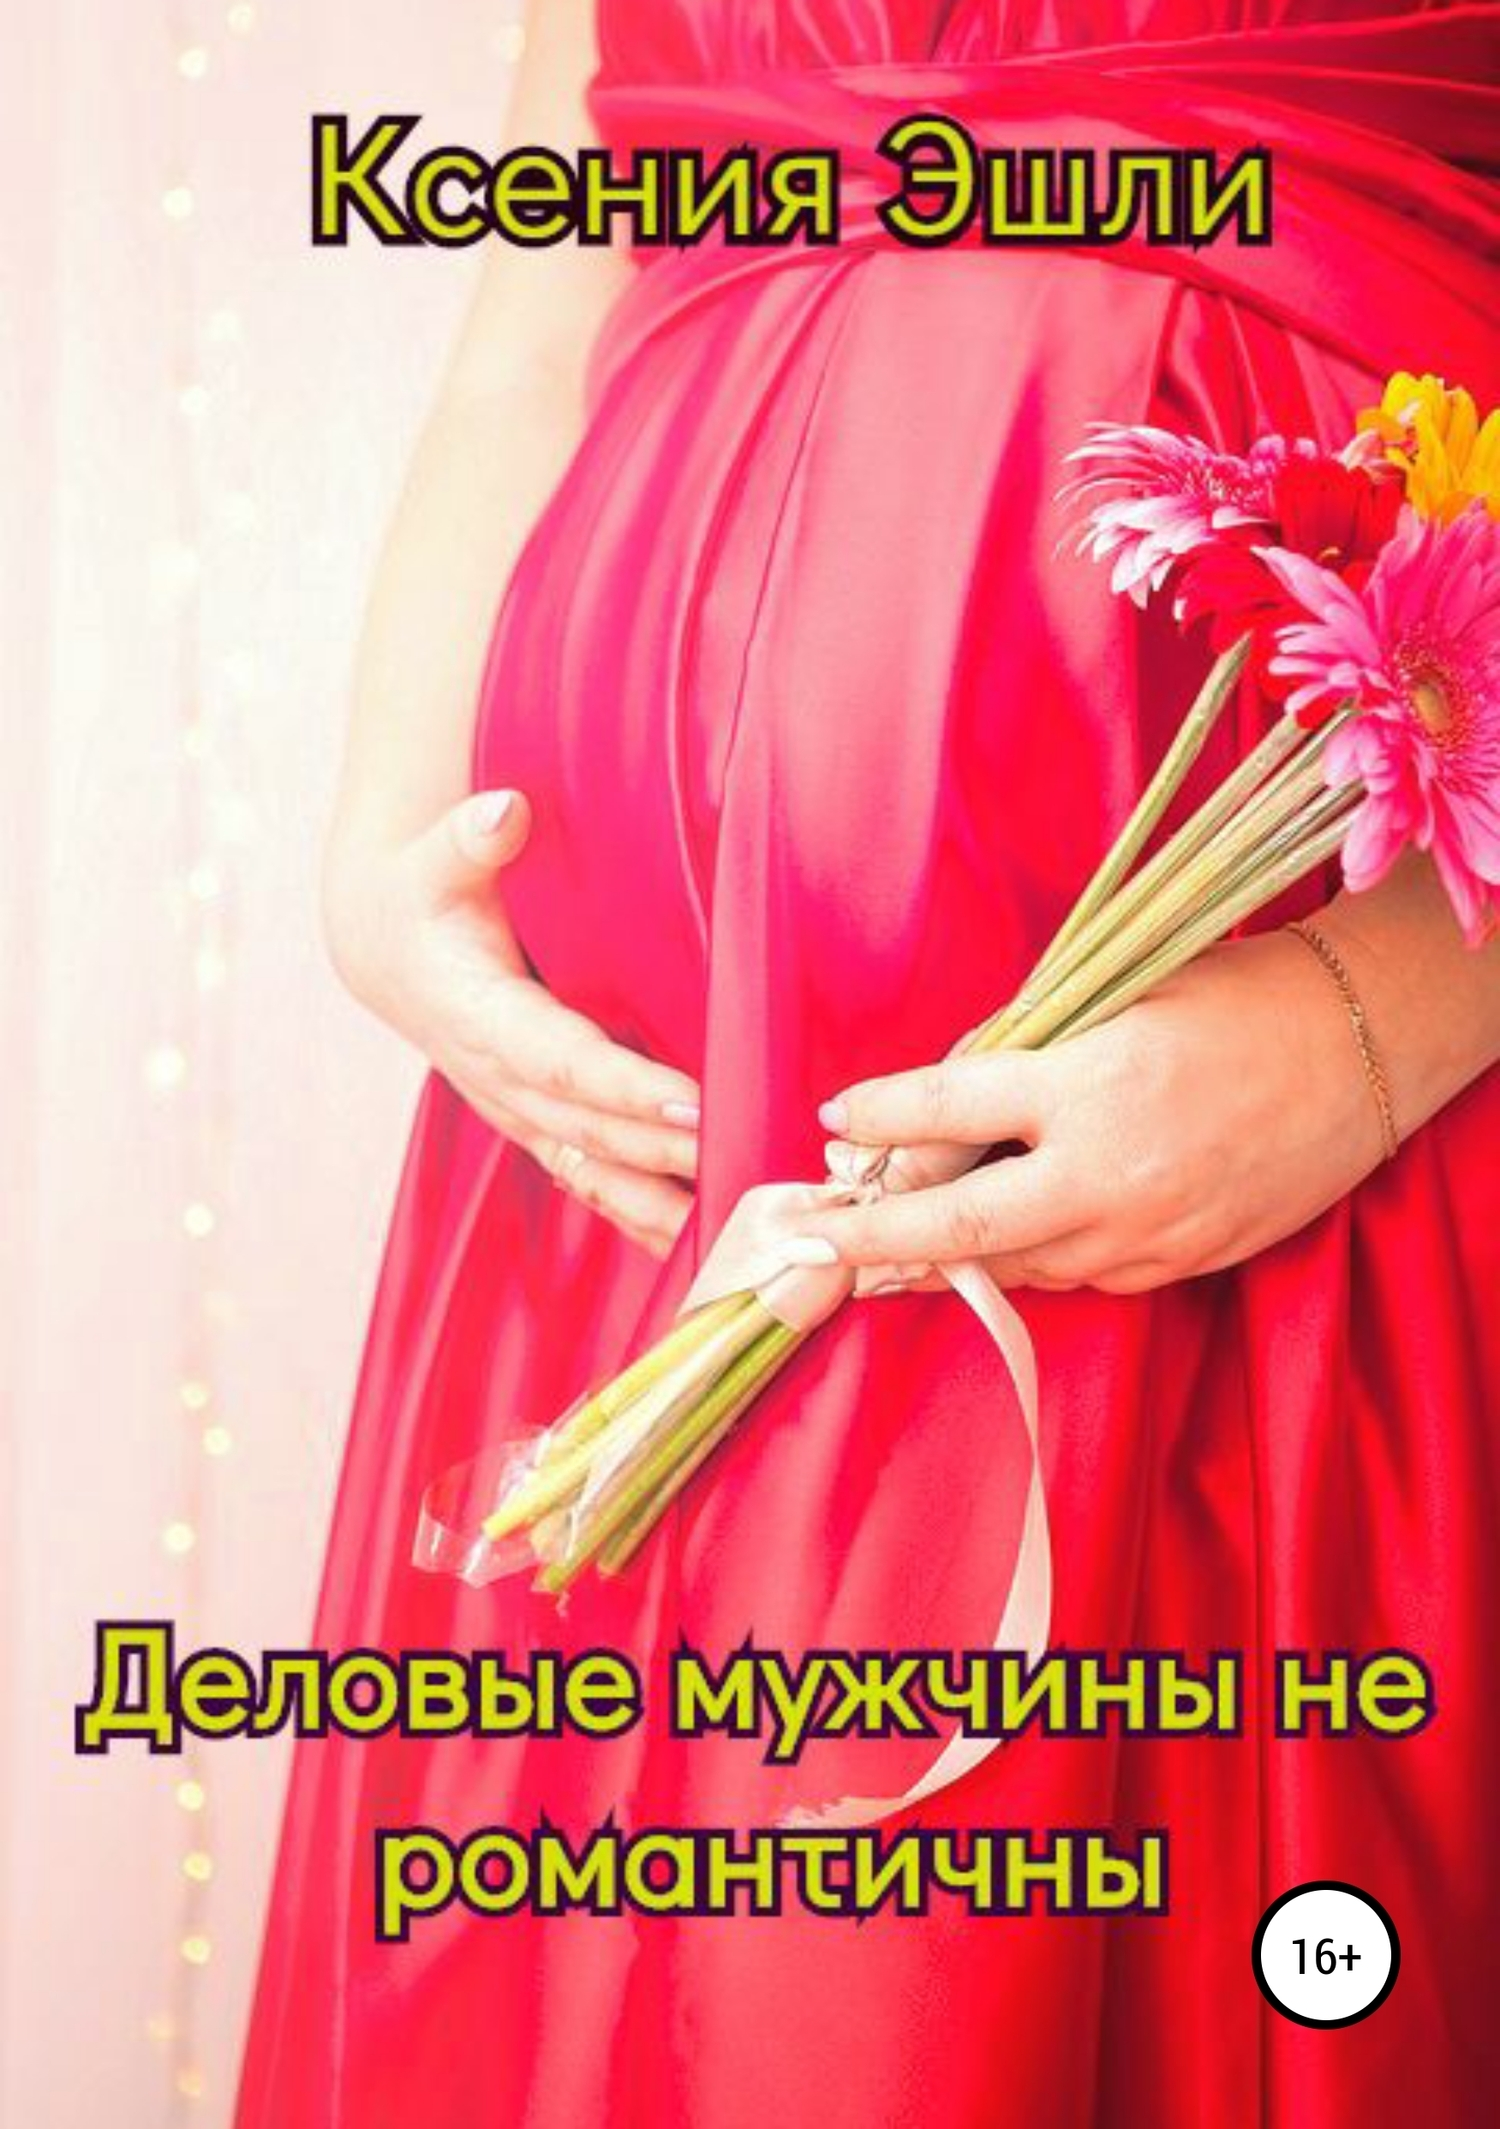 Деловые мужчины не романтичны